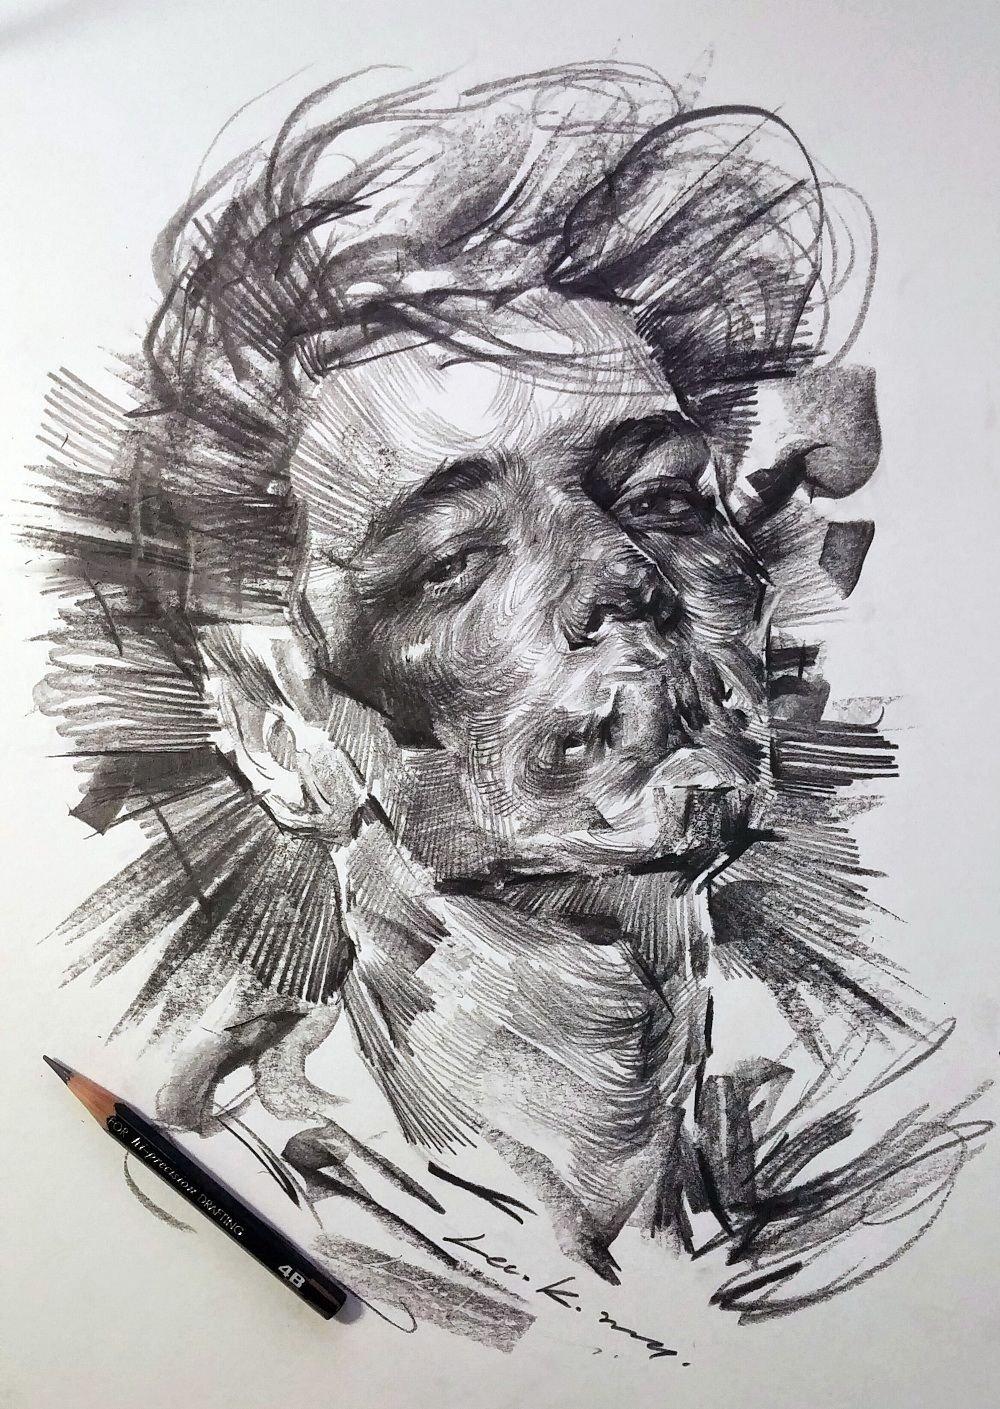 Монохромные портреты от сеульского художника Lee. K